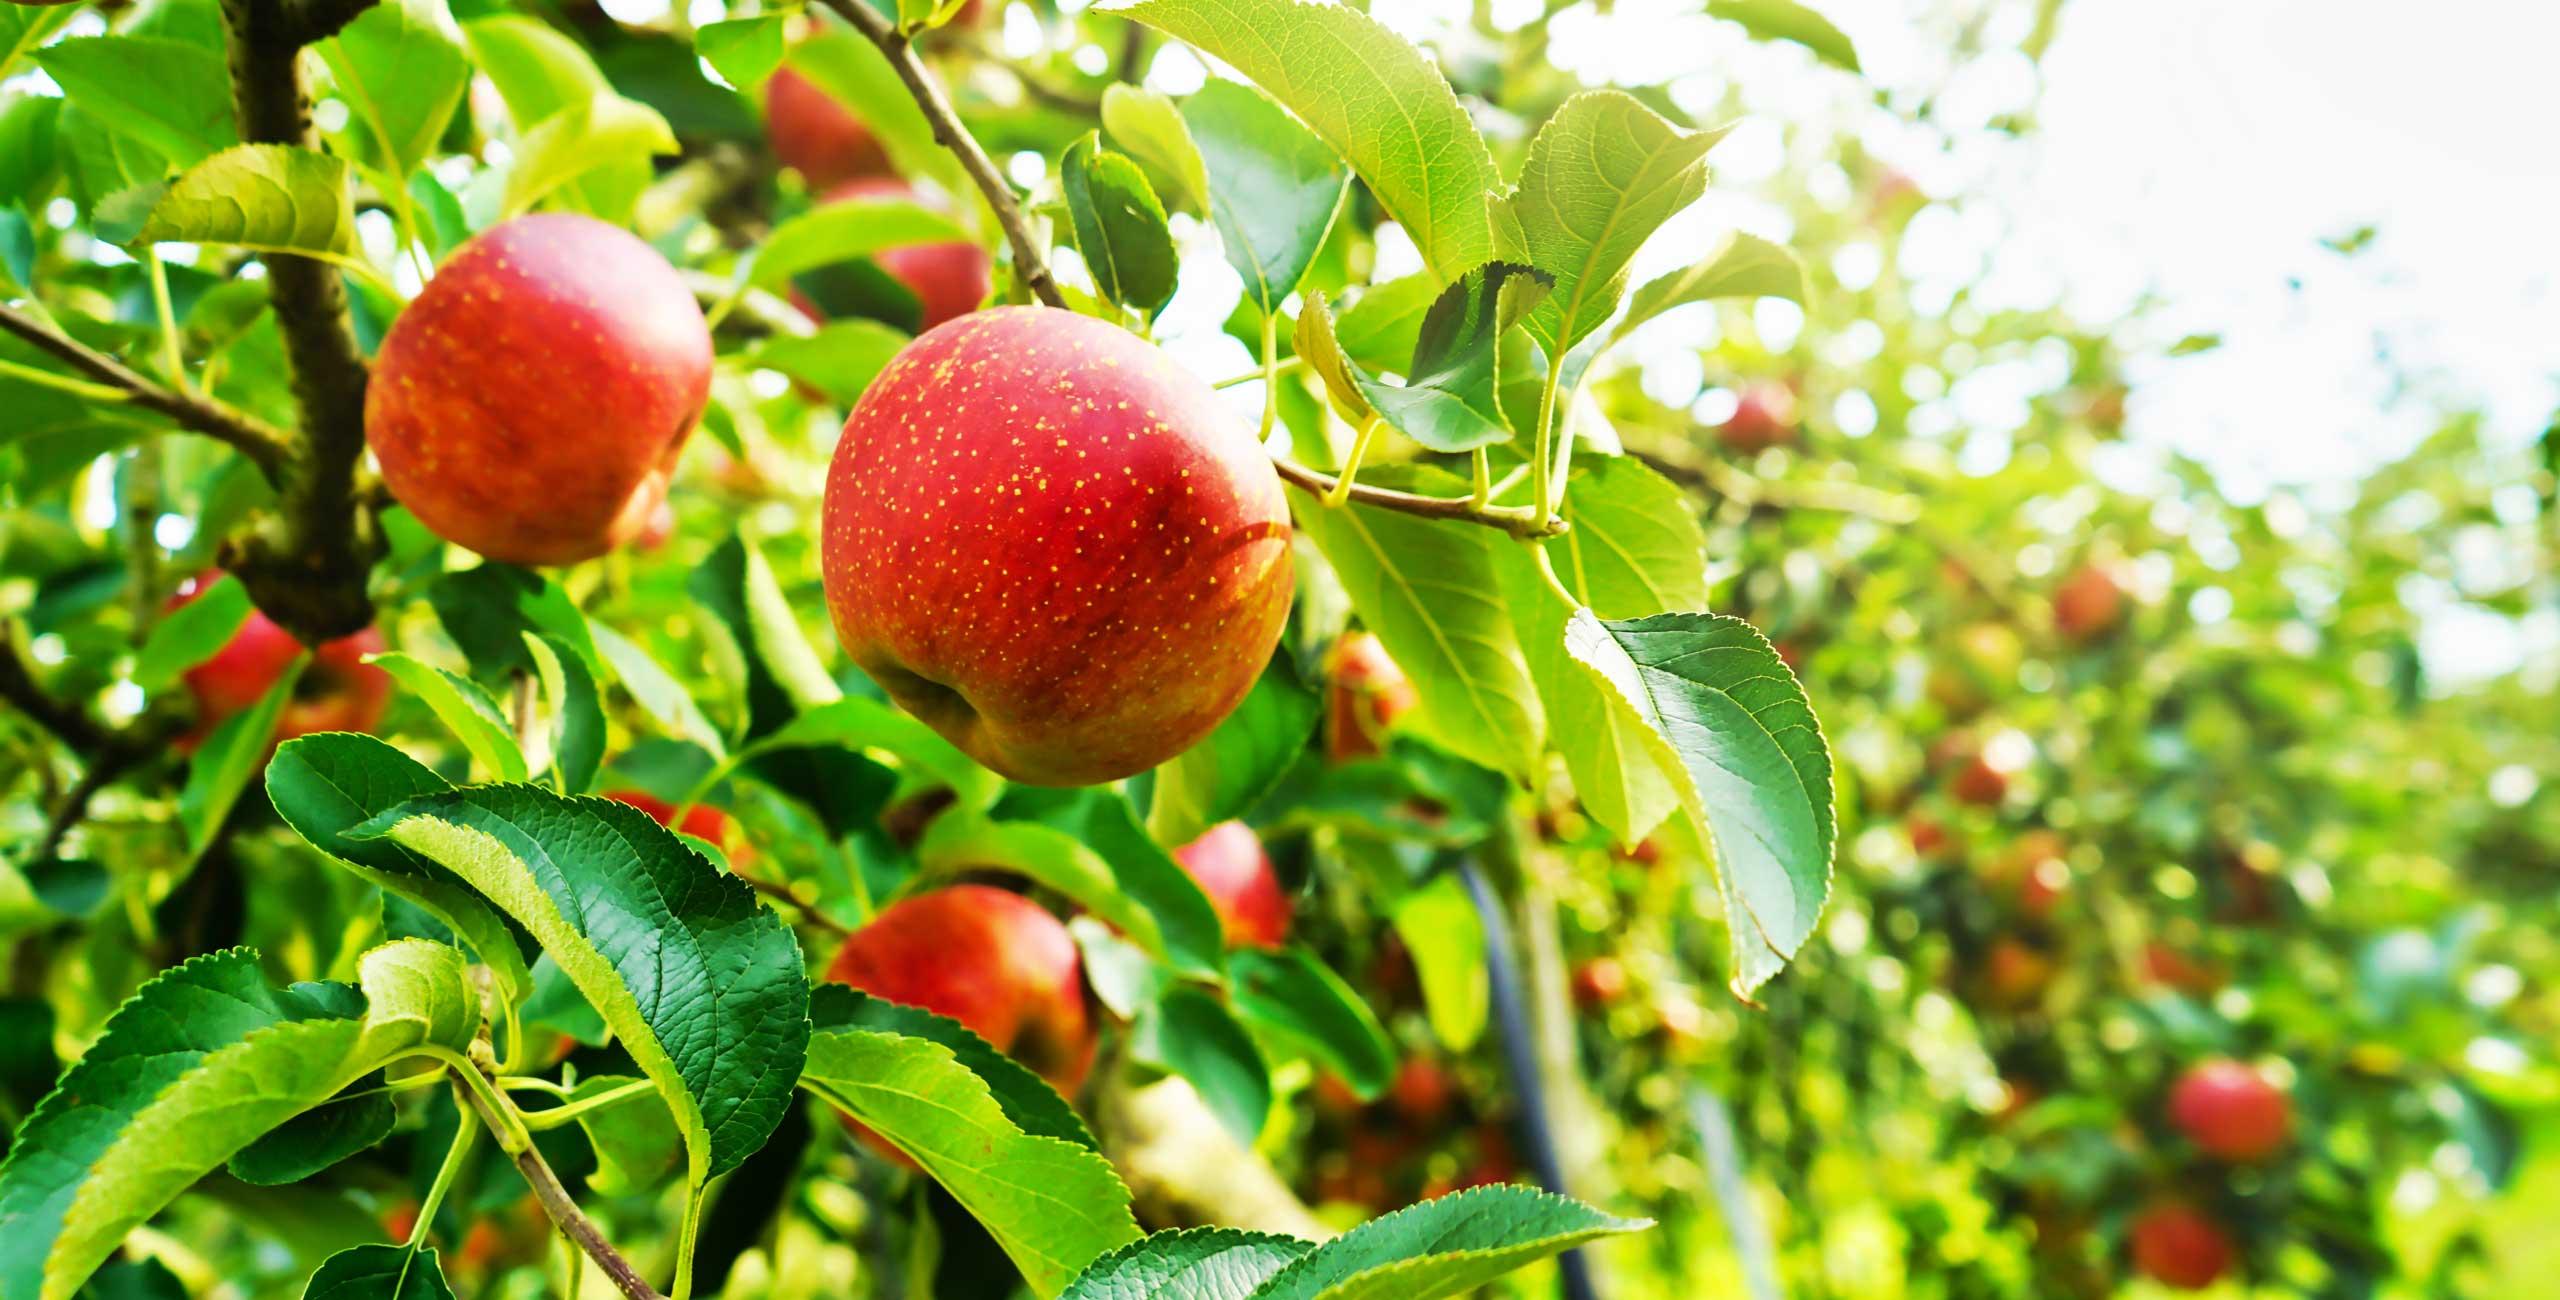 林檎の樹ららトップスライド1